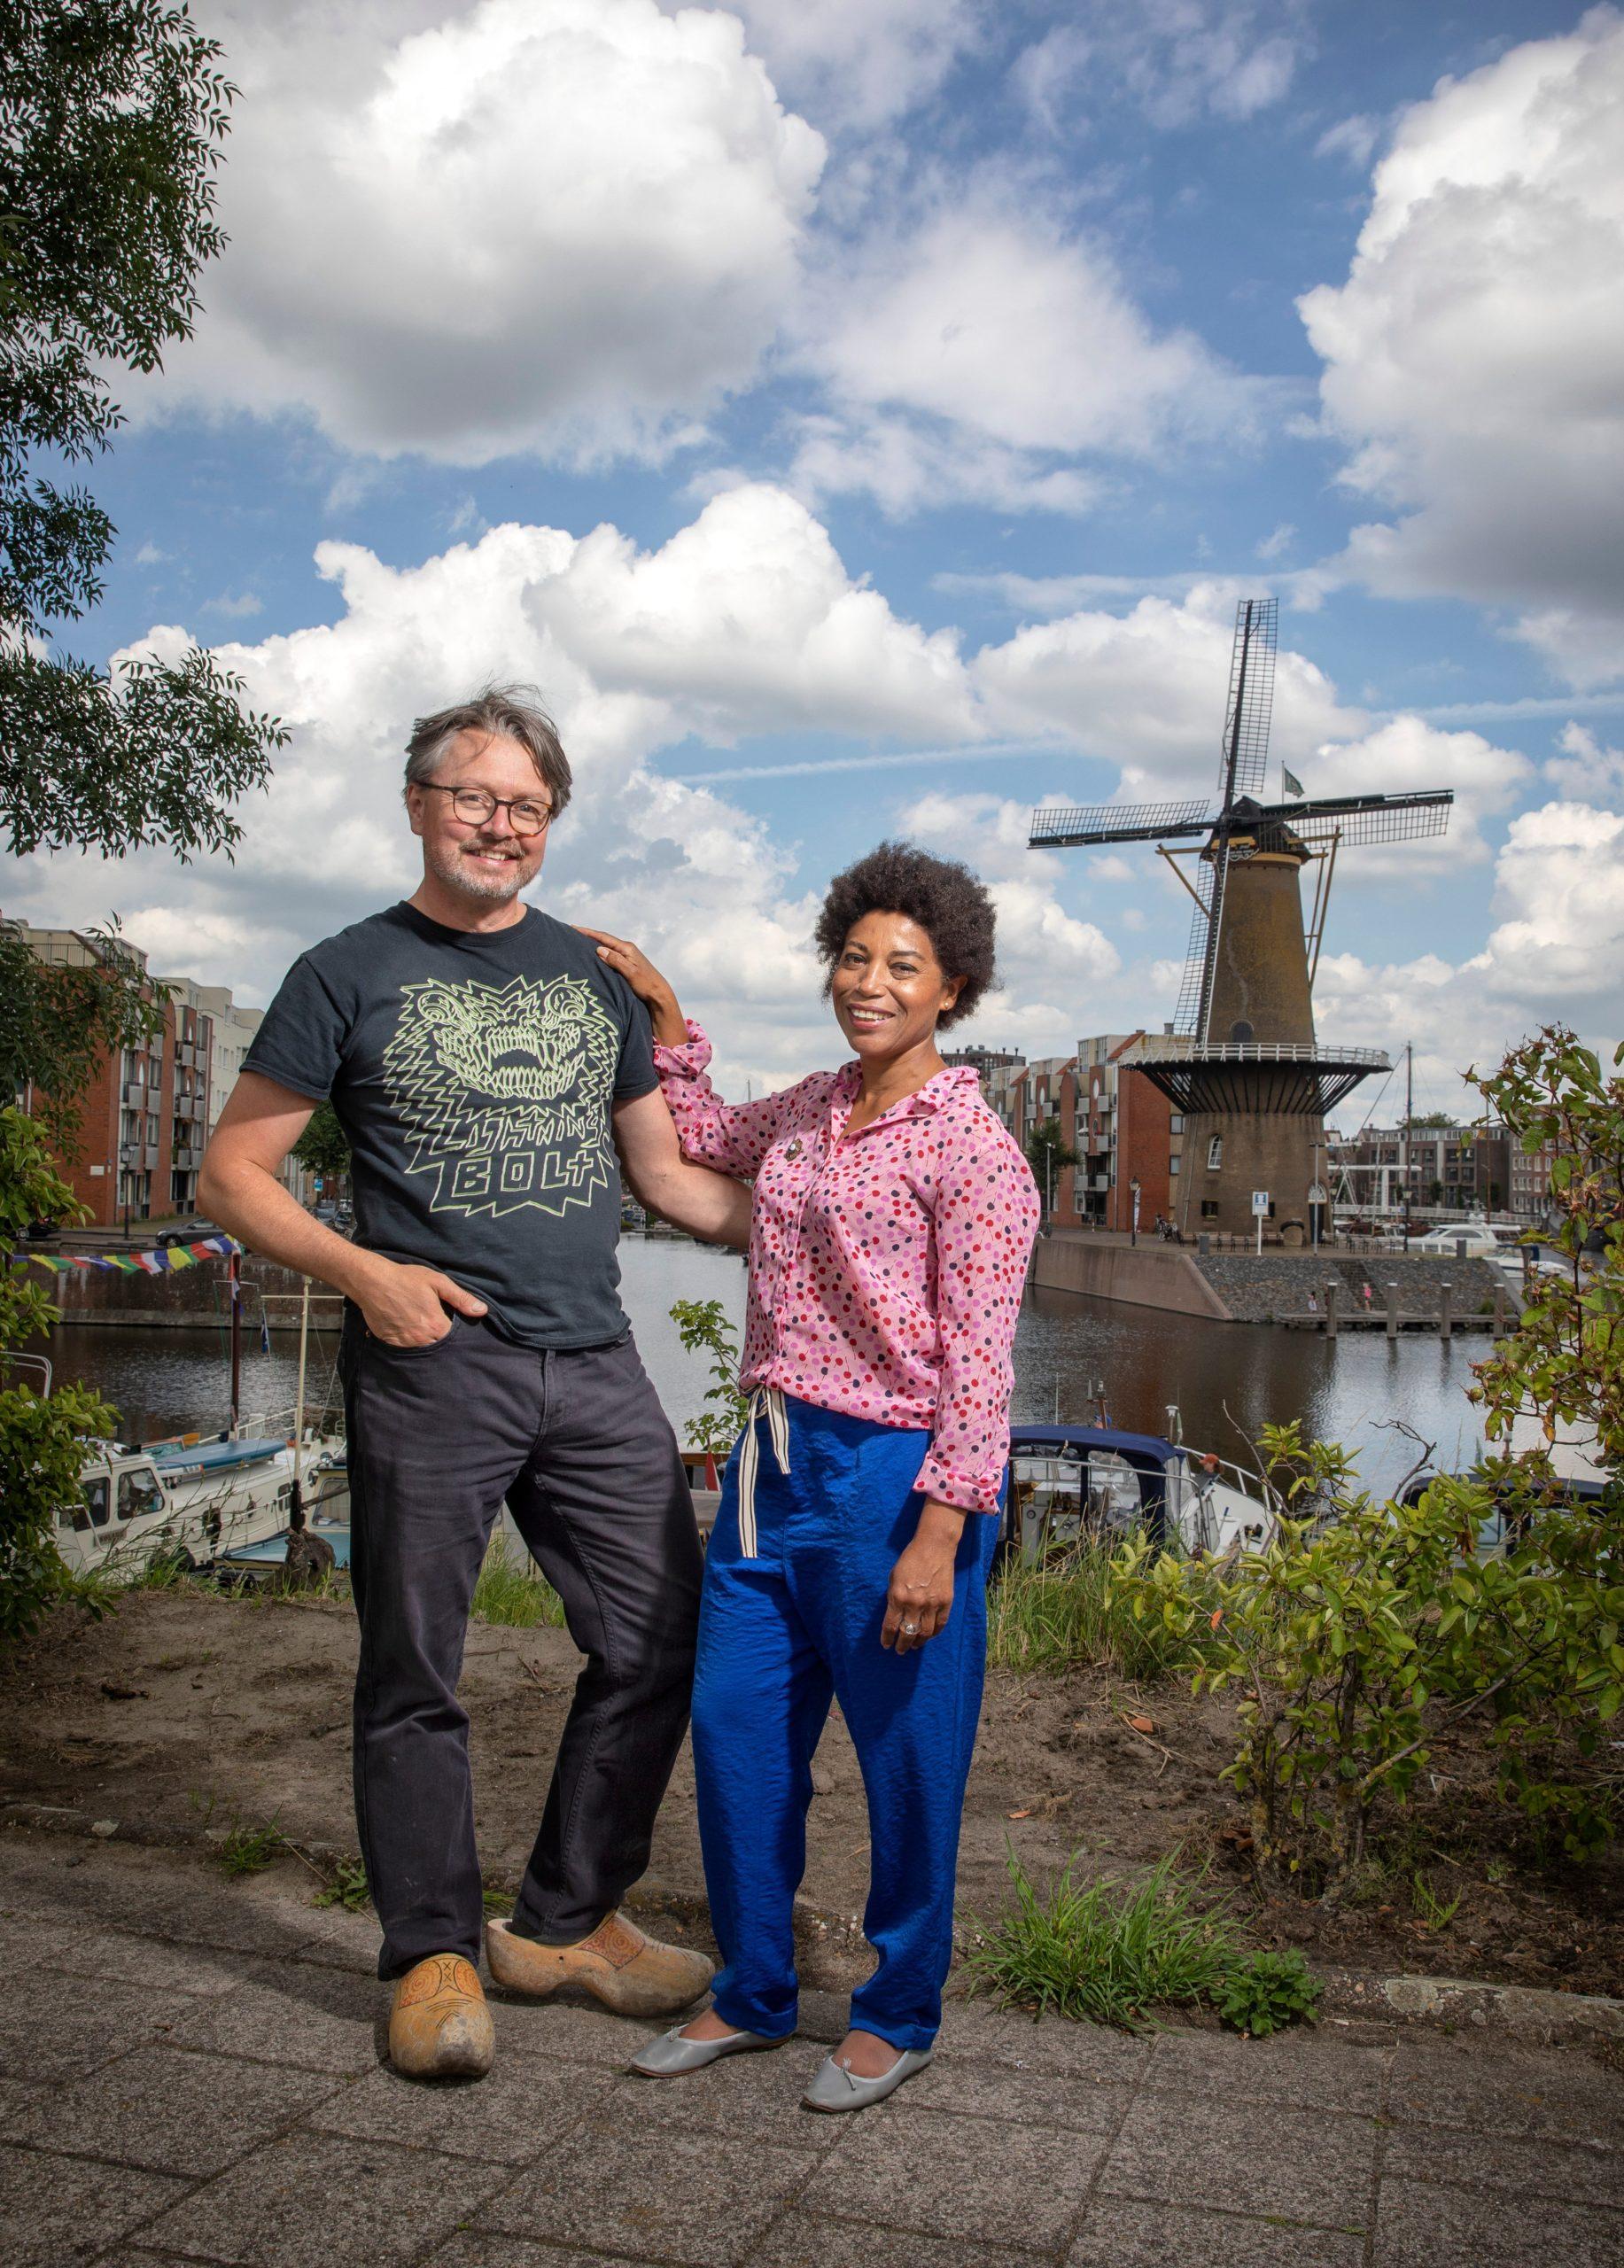 Virginia en Erwin laten de molen draaien voor én door gemberkoekjes